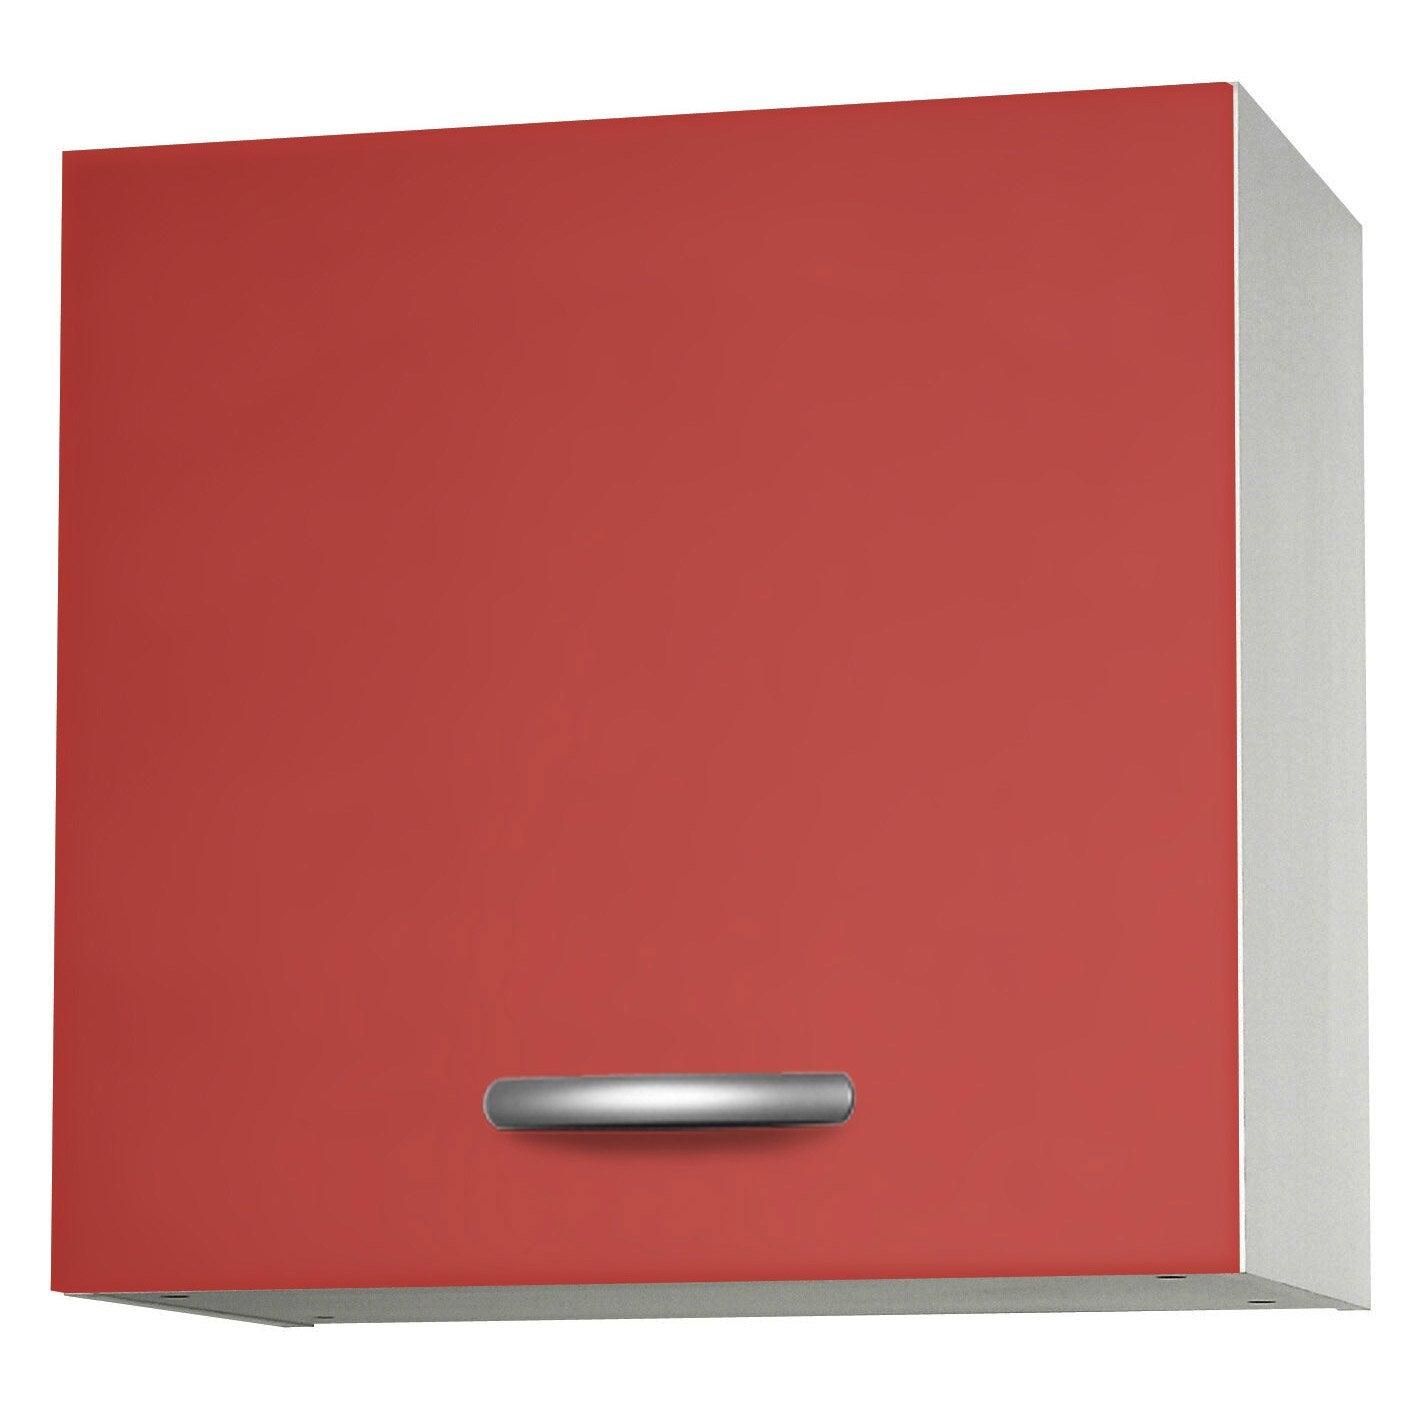 Meuble De Cuisine Haut 1 Porte Spring L60xh57xp35cm Rouge